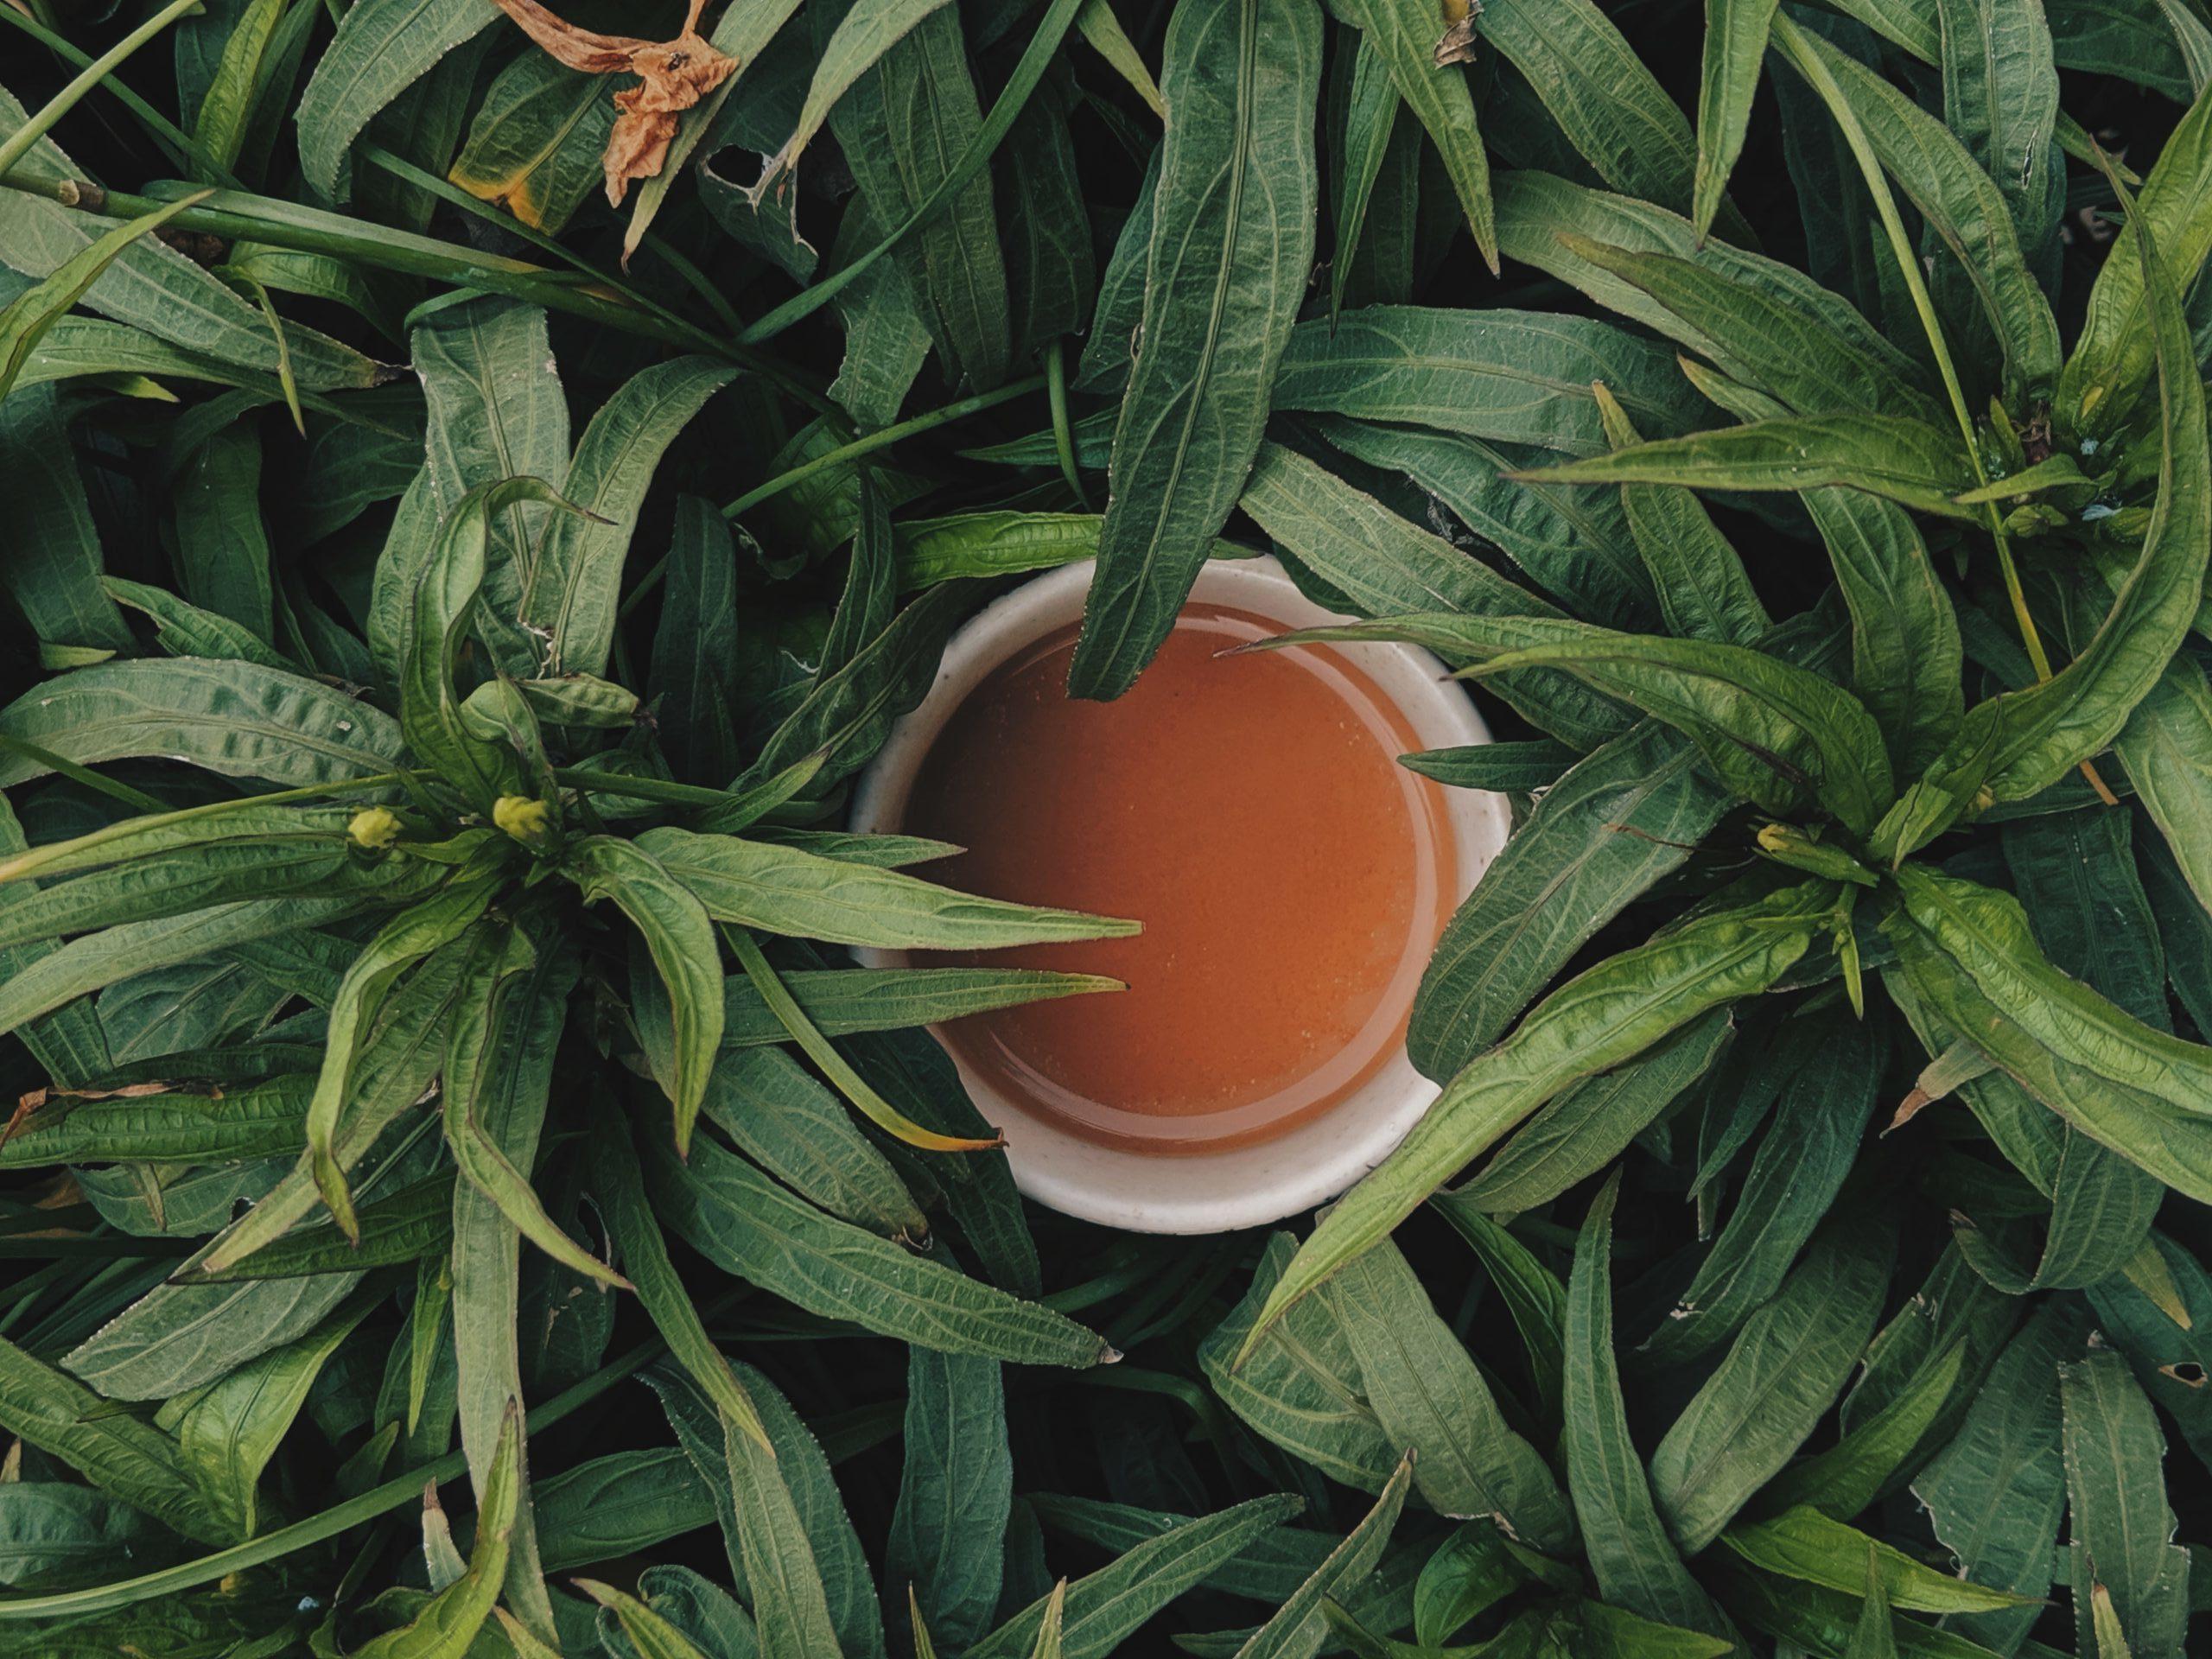 15 façons de réutiliser les sachets de thé dans le jardin, la maison et pour se soigner